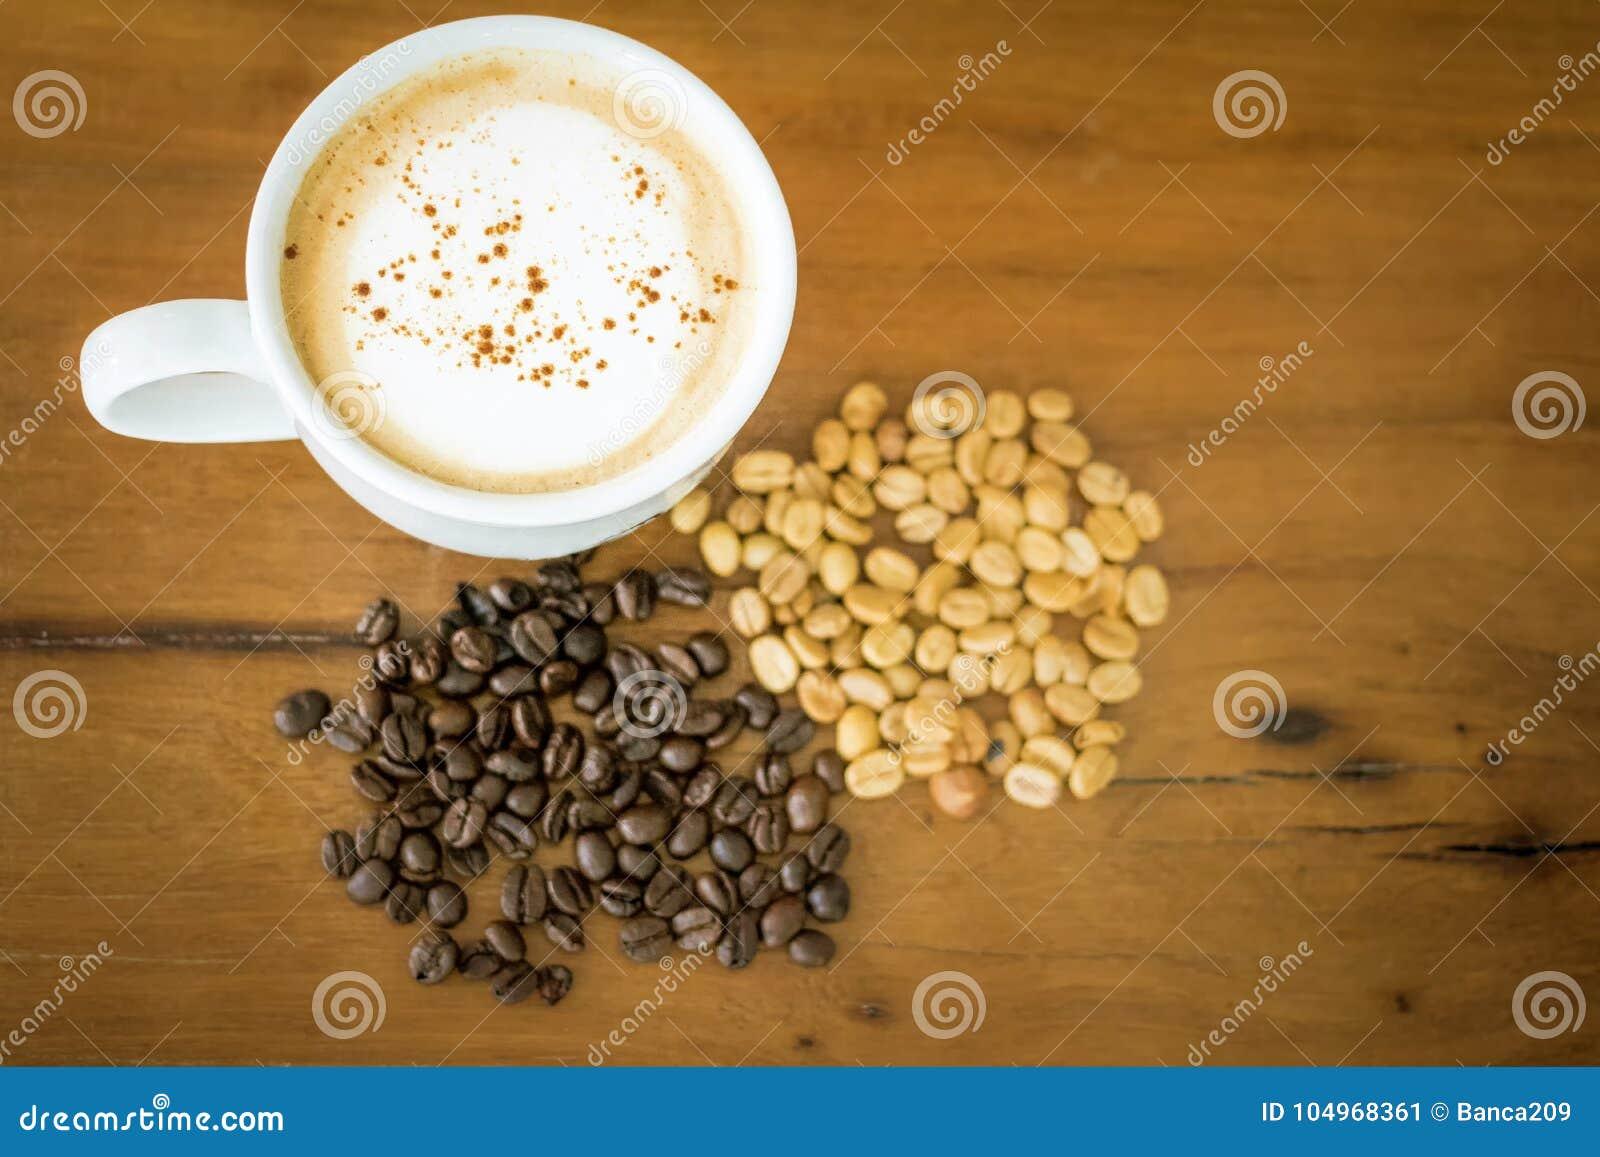 Arabica кофе тайского кофе дерьма слона органический